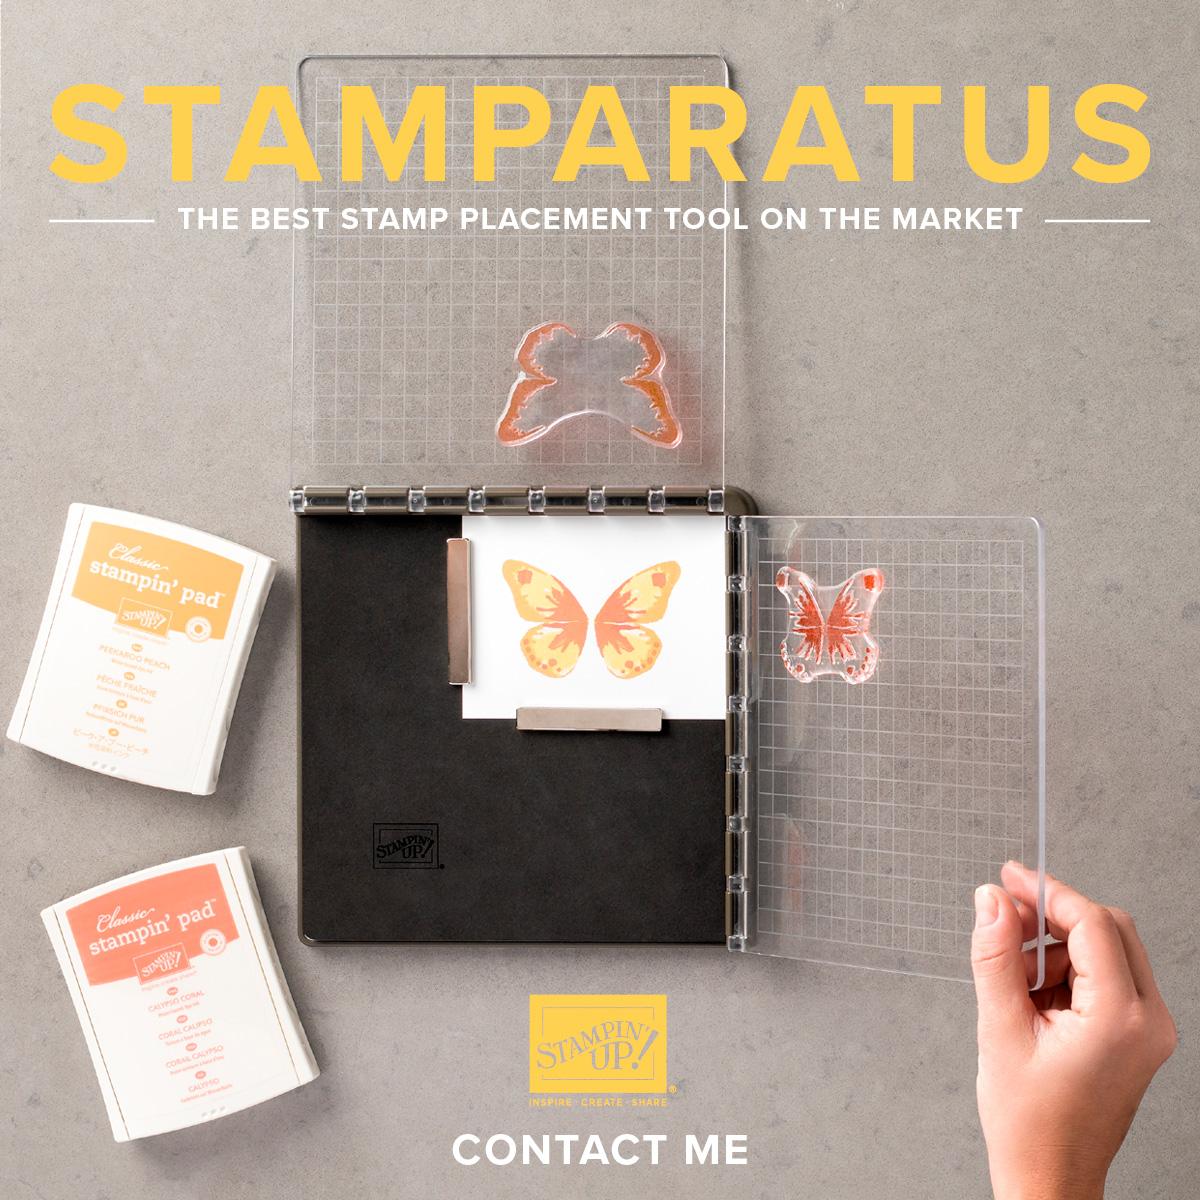 スタンパレイタス(Stamparatus) 予約受付中です!